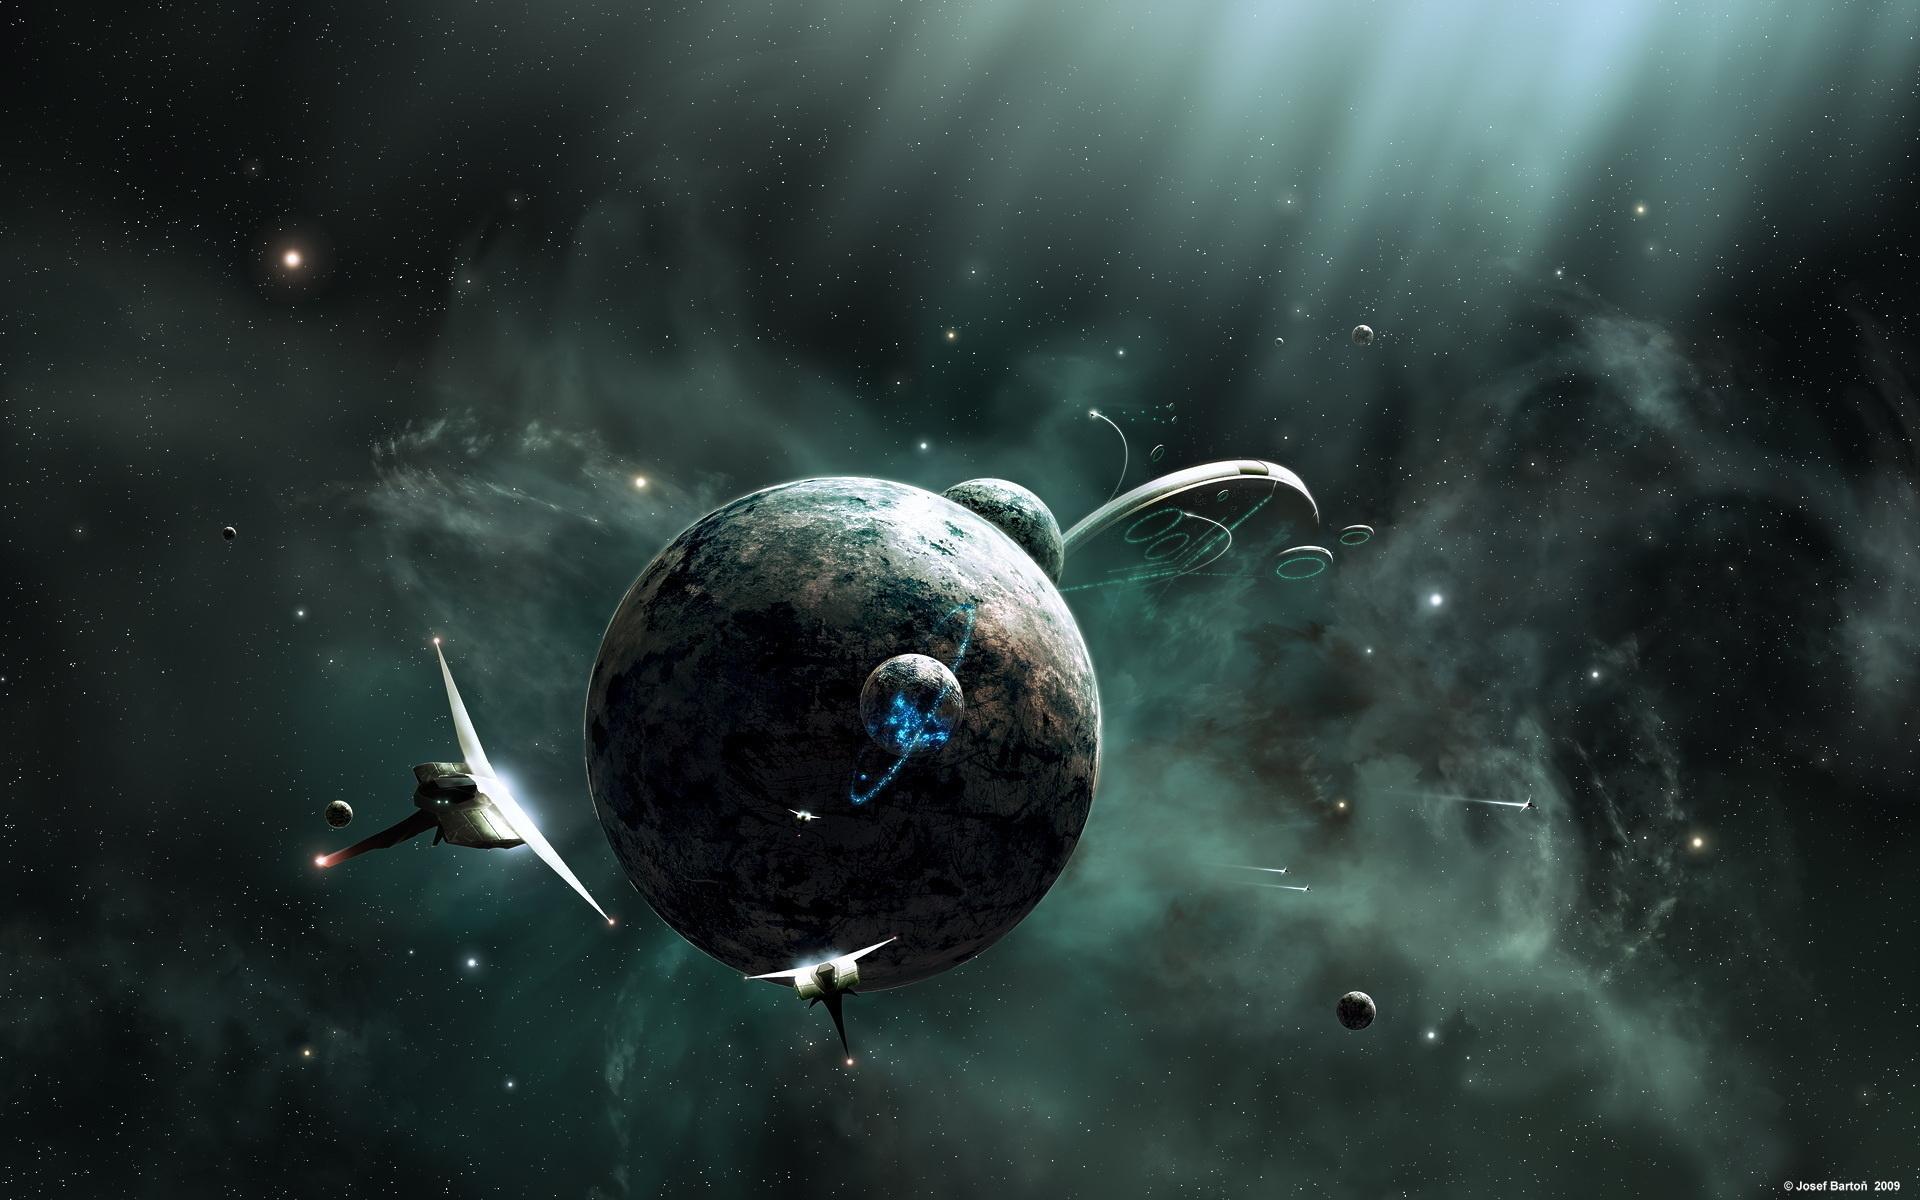 космическое пространство картинки